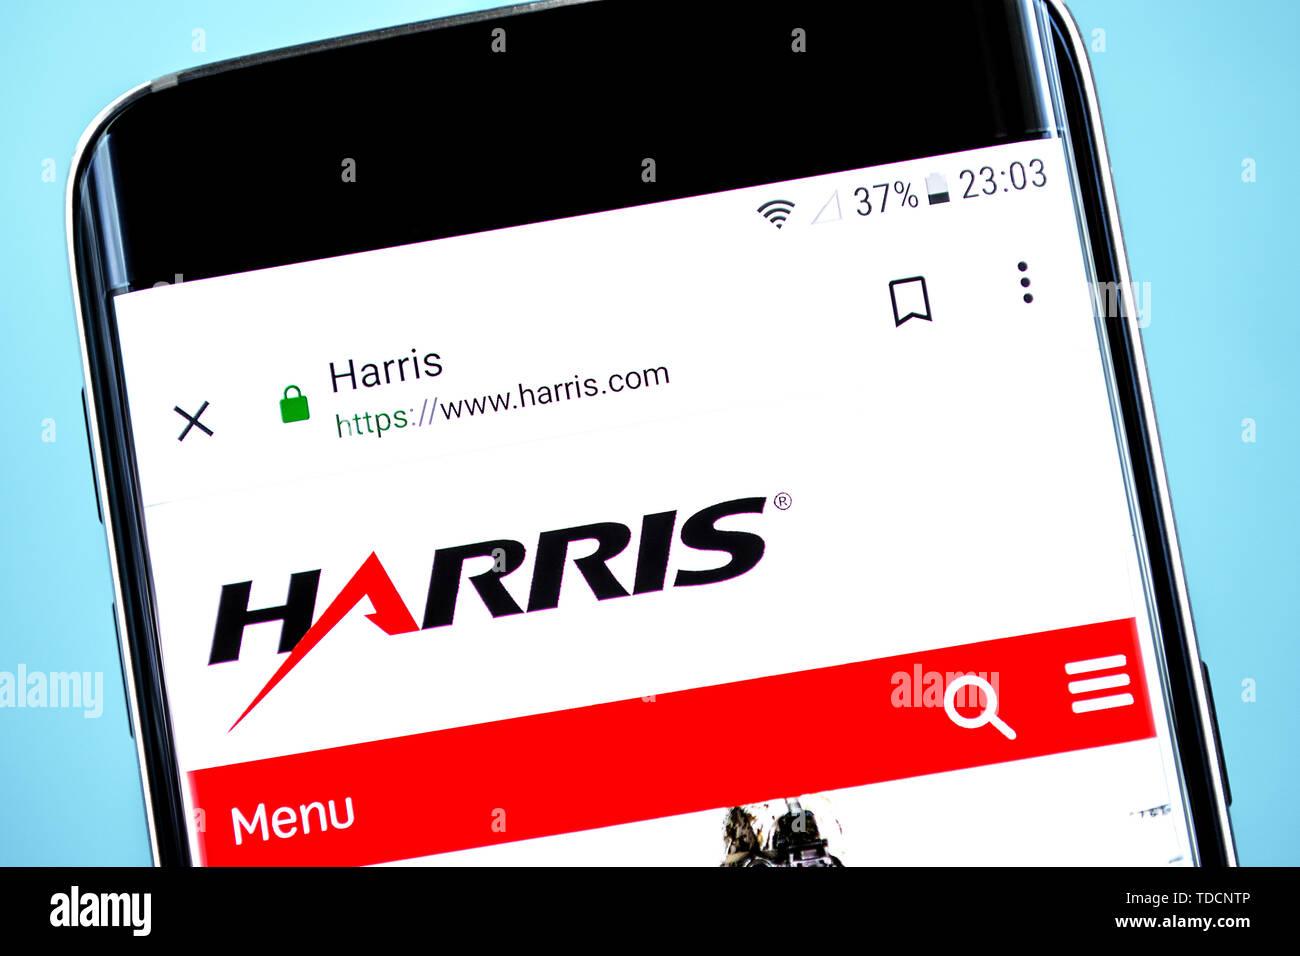 Berdiansk, Ukraine - 10 juin 2019: Harris accueil du site. Logo Harris visible sur l'écran du téléphone, rédaction d'illustration. Photo Stock